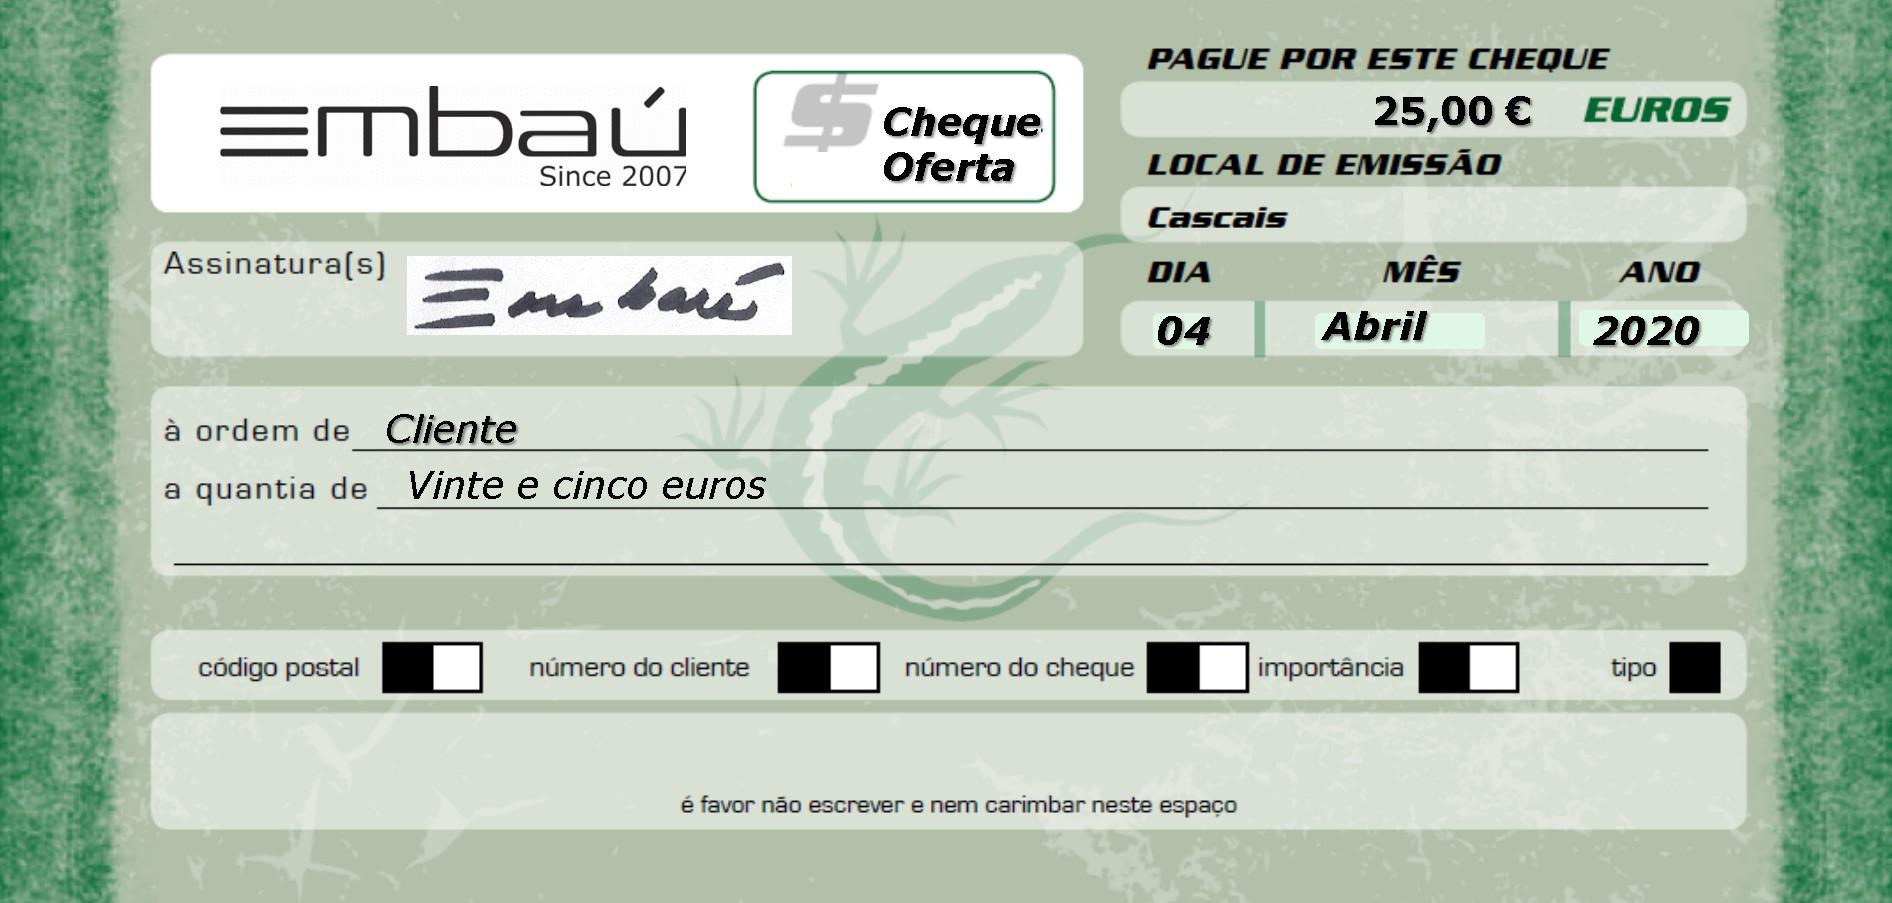 Cheque-Oferta Embaú 25